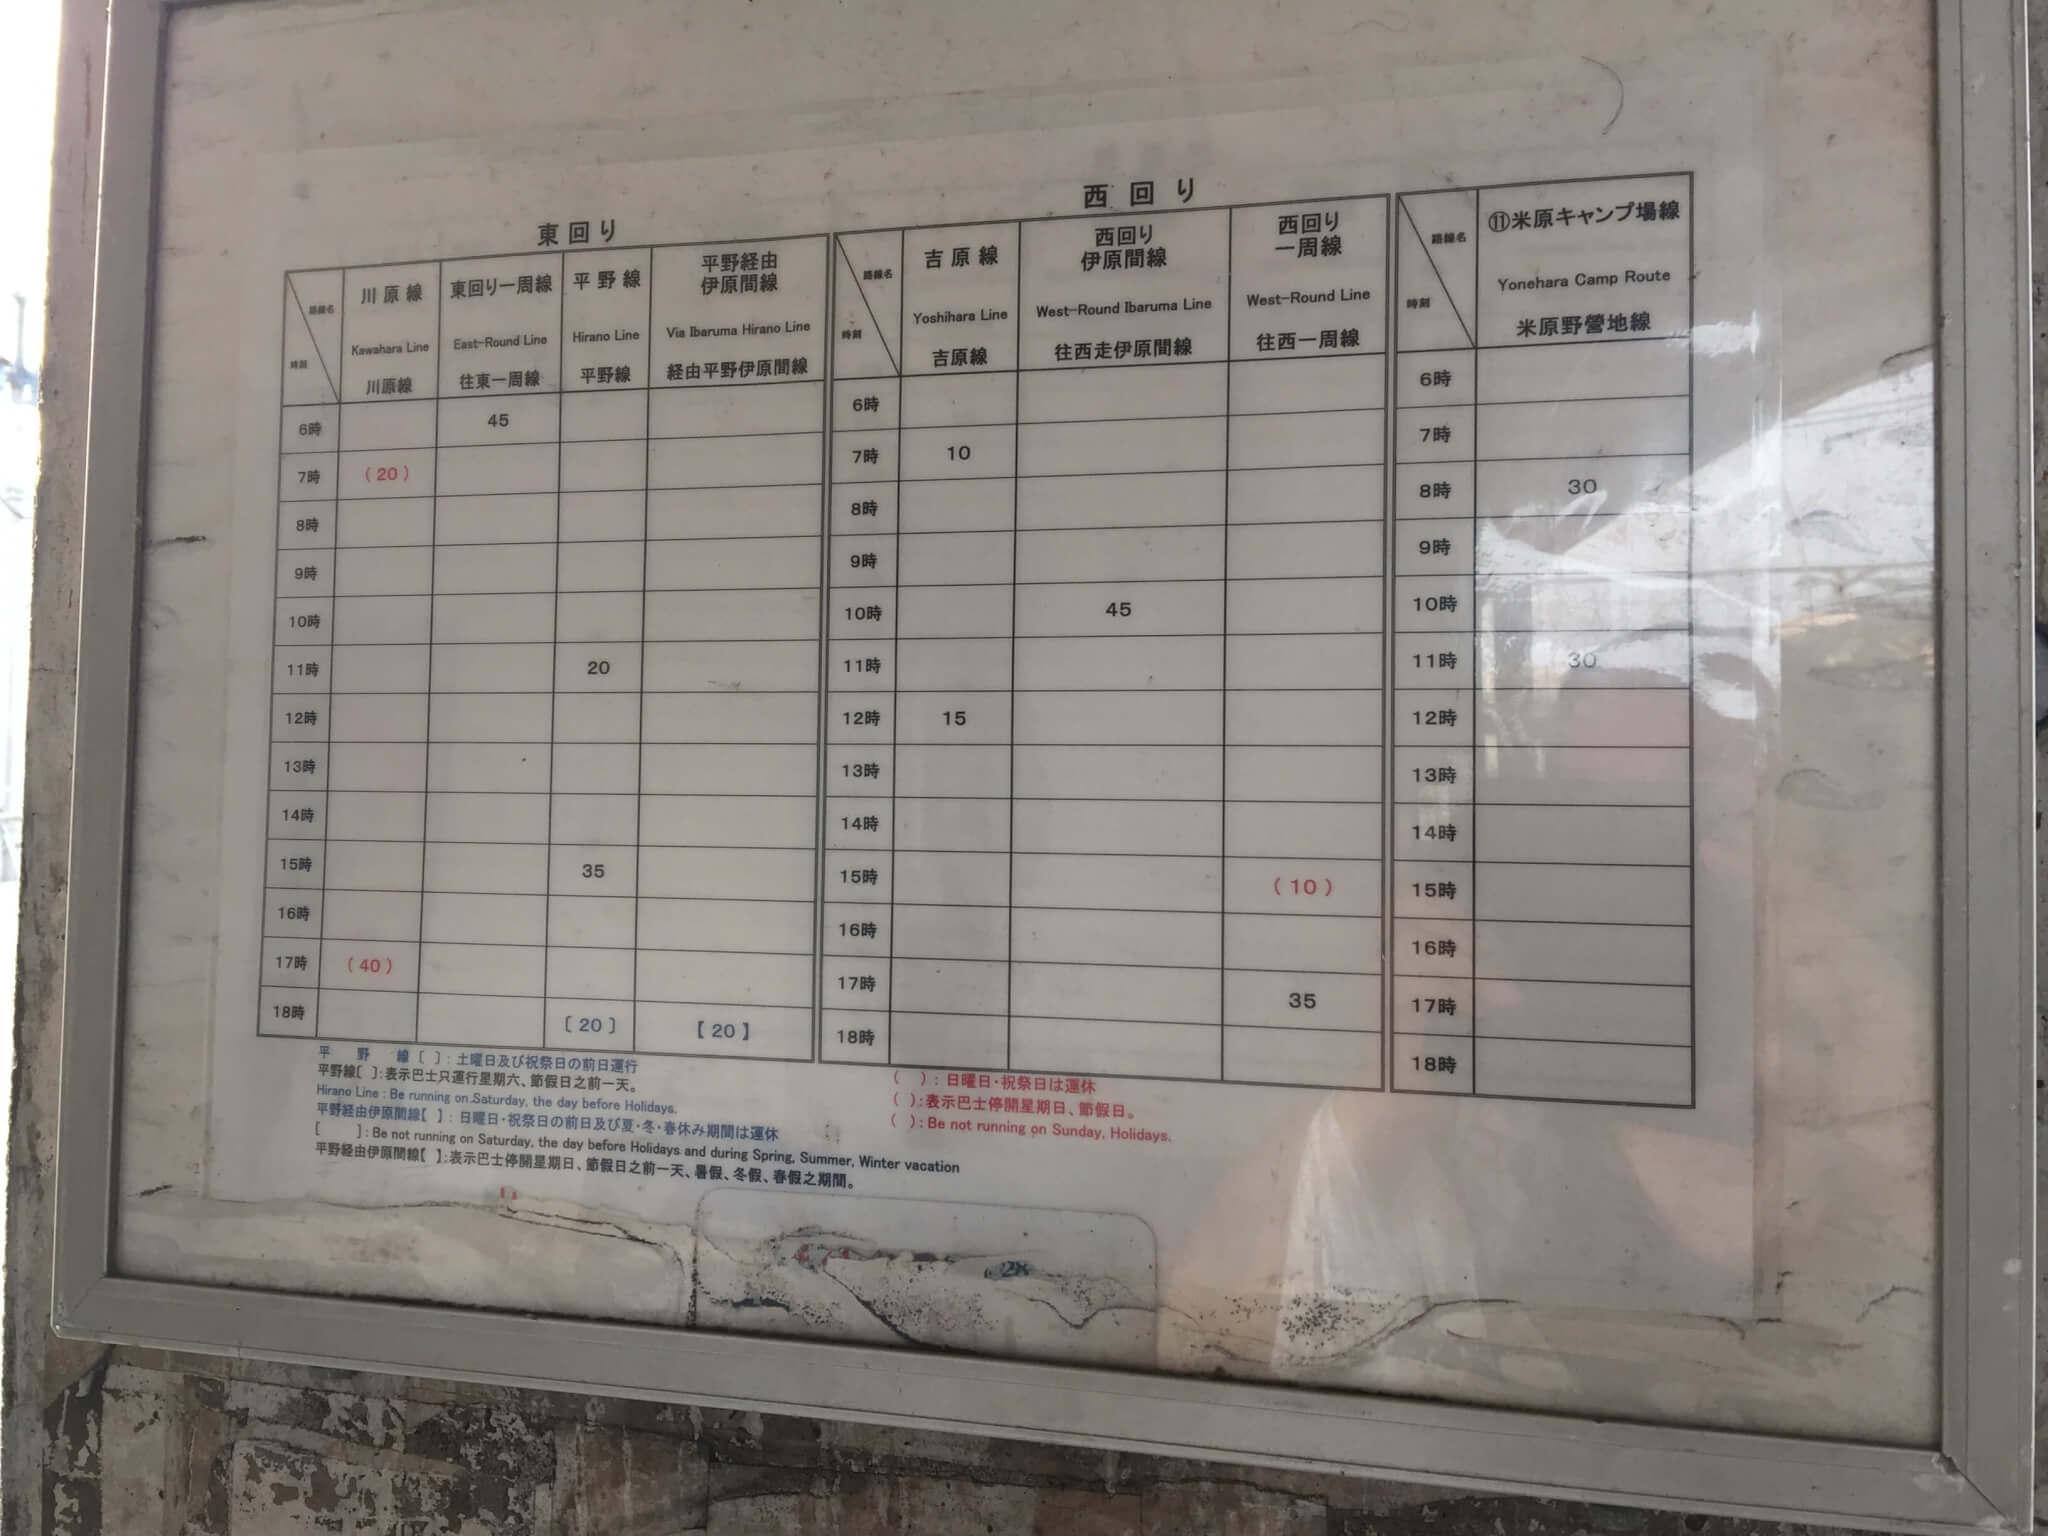 石垣島離島ターミナルから石垣島ゲストハウス棲家まーる方面へ繋がるバスの時刻表